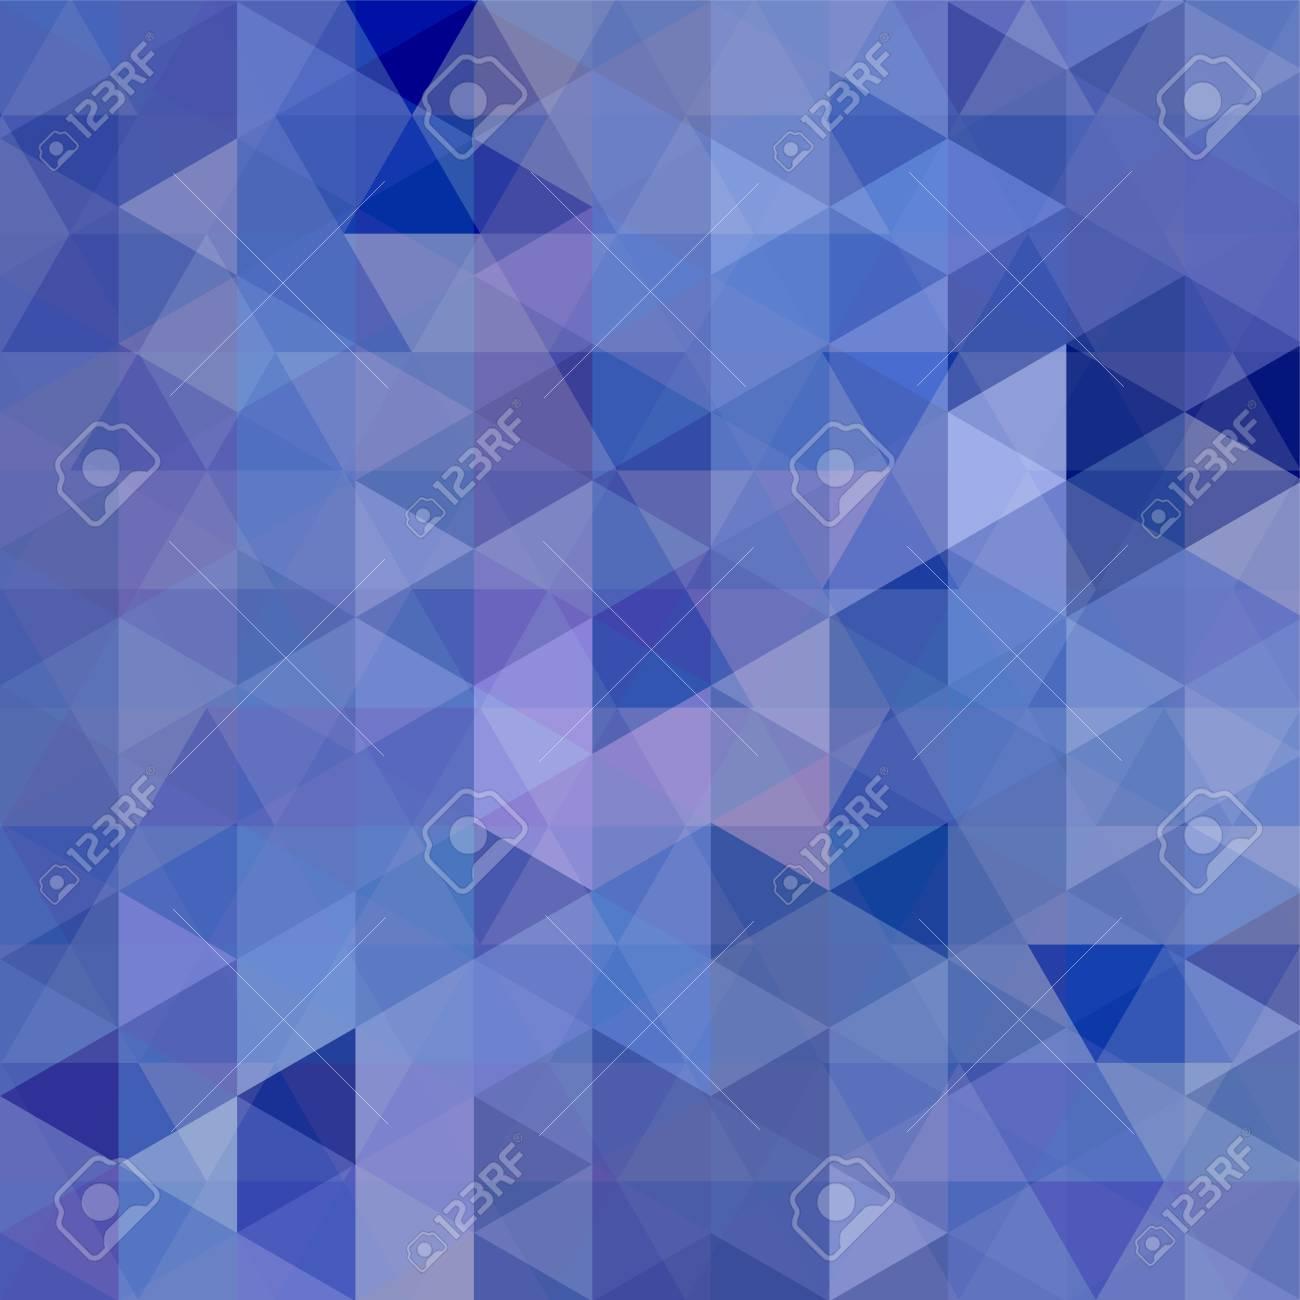 Vettoriale Priorità Bassa Blu Astratta Del Mosaico Triangolo